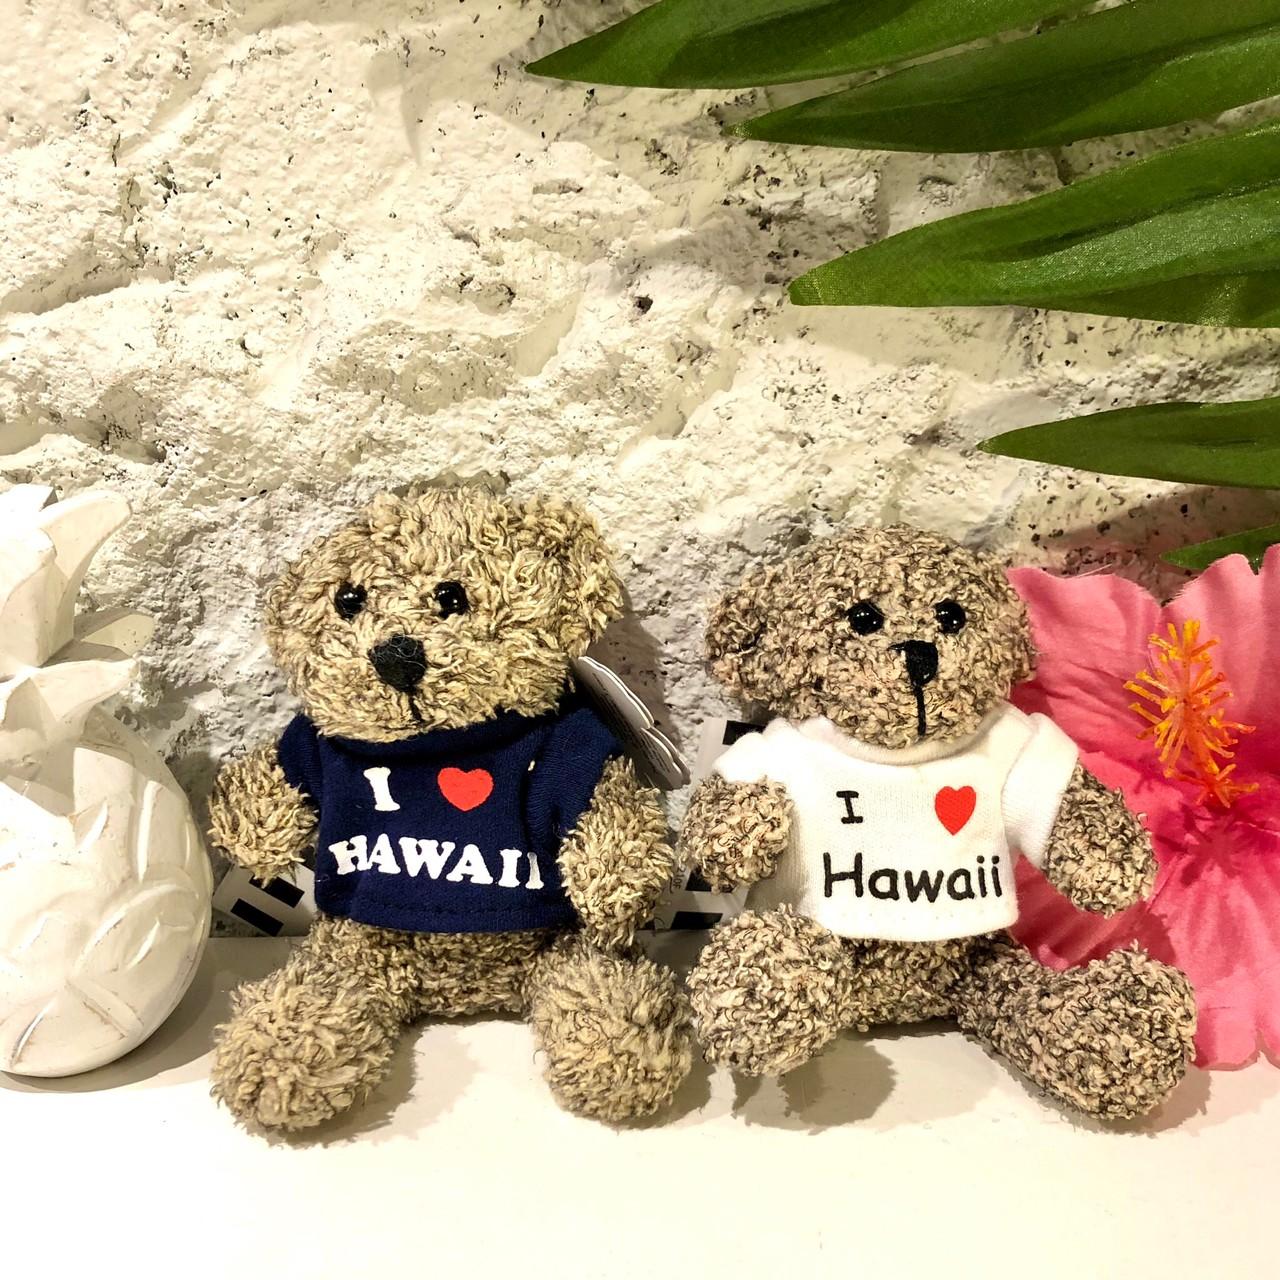 Hawaiiモフモフくまさんキーホルダー